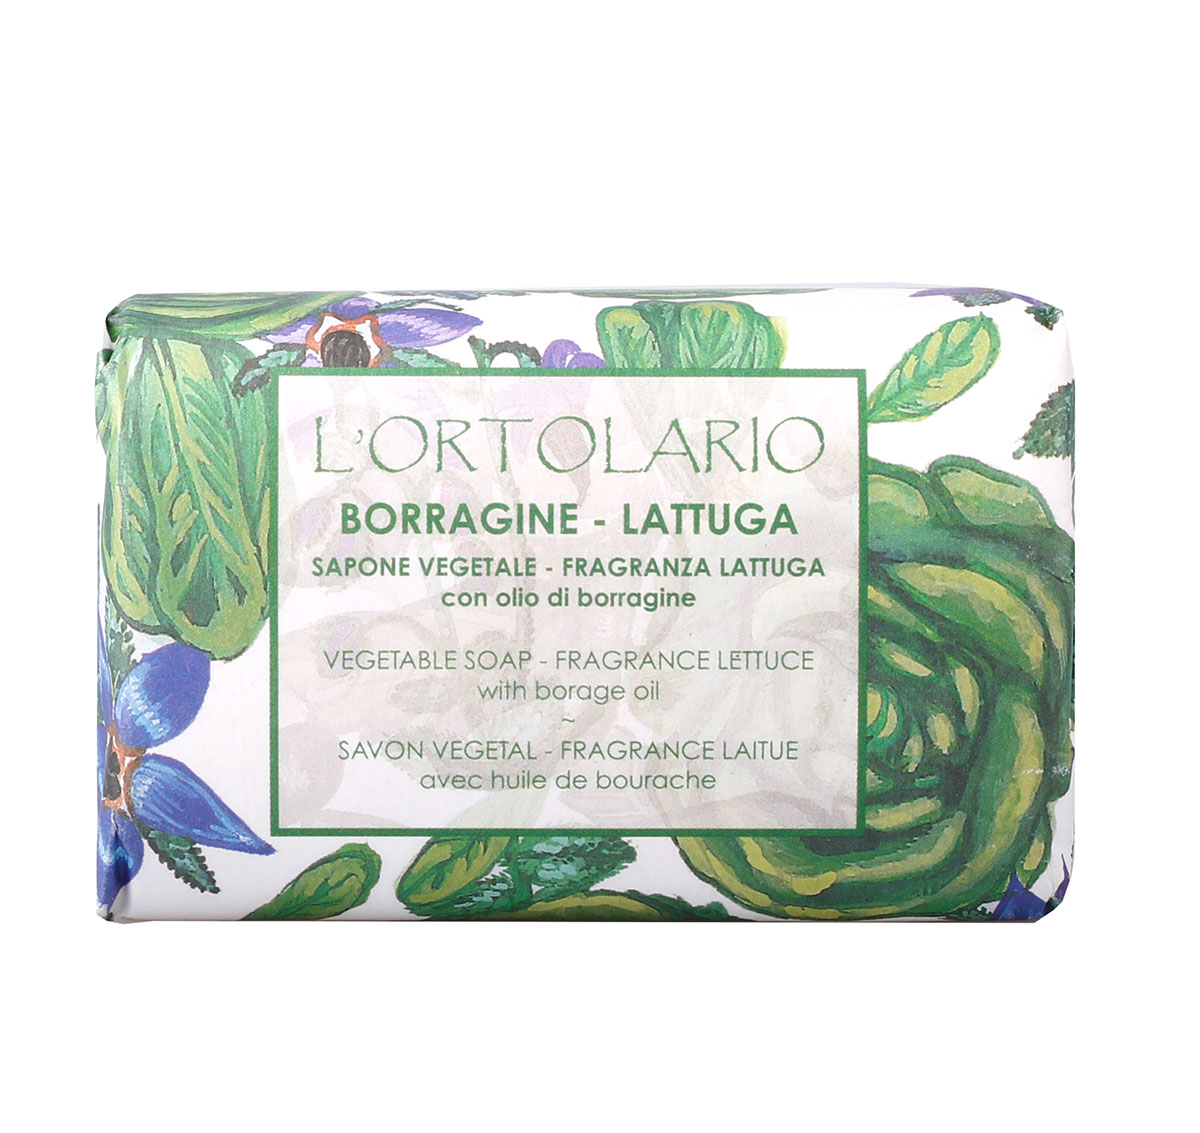 Iteritalia Мыло натуральное с ароматом латука и маслом бурачника, 150 г1717106Натуральное косметическое мыло ,изготовленное в соответствии с античными традициями мастеров Саронно.Содержит масло бурачника,которое обладает смягчающими и питательными свойствами. Для всех типов кожи,в том числе для сухой и чувствительной.